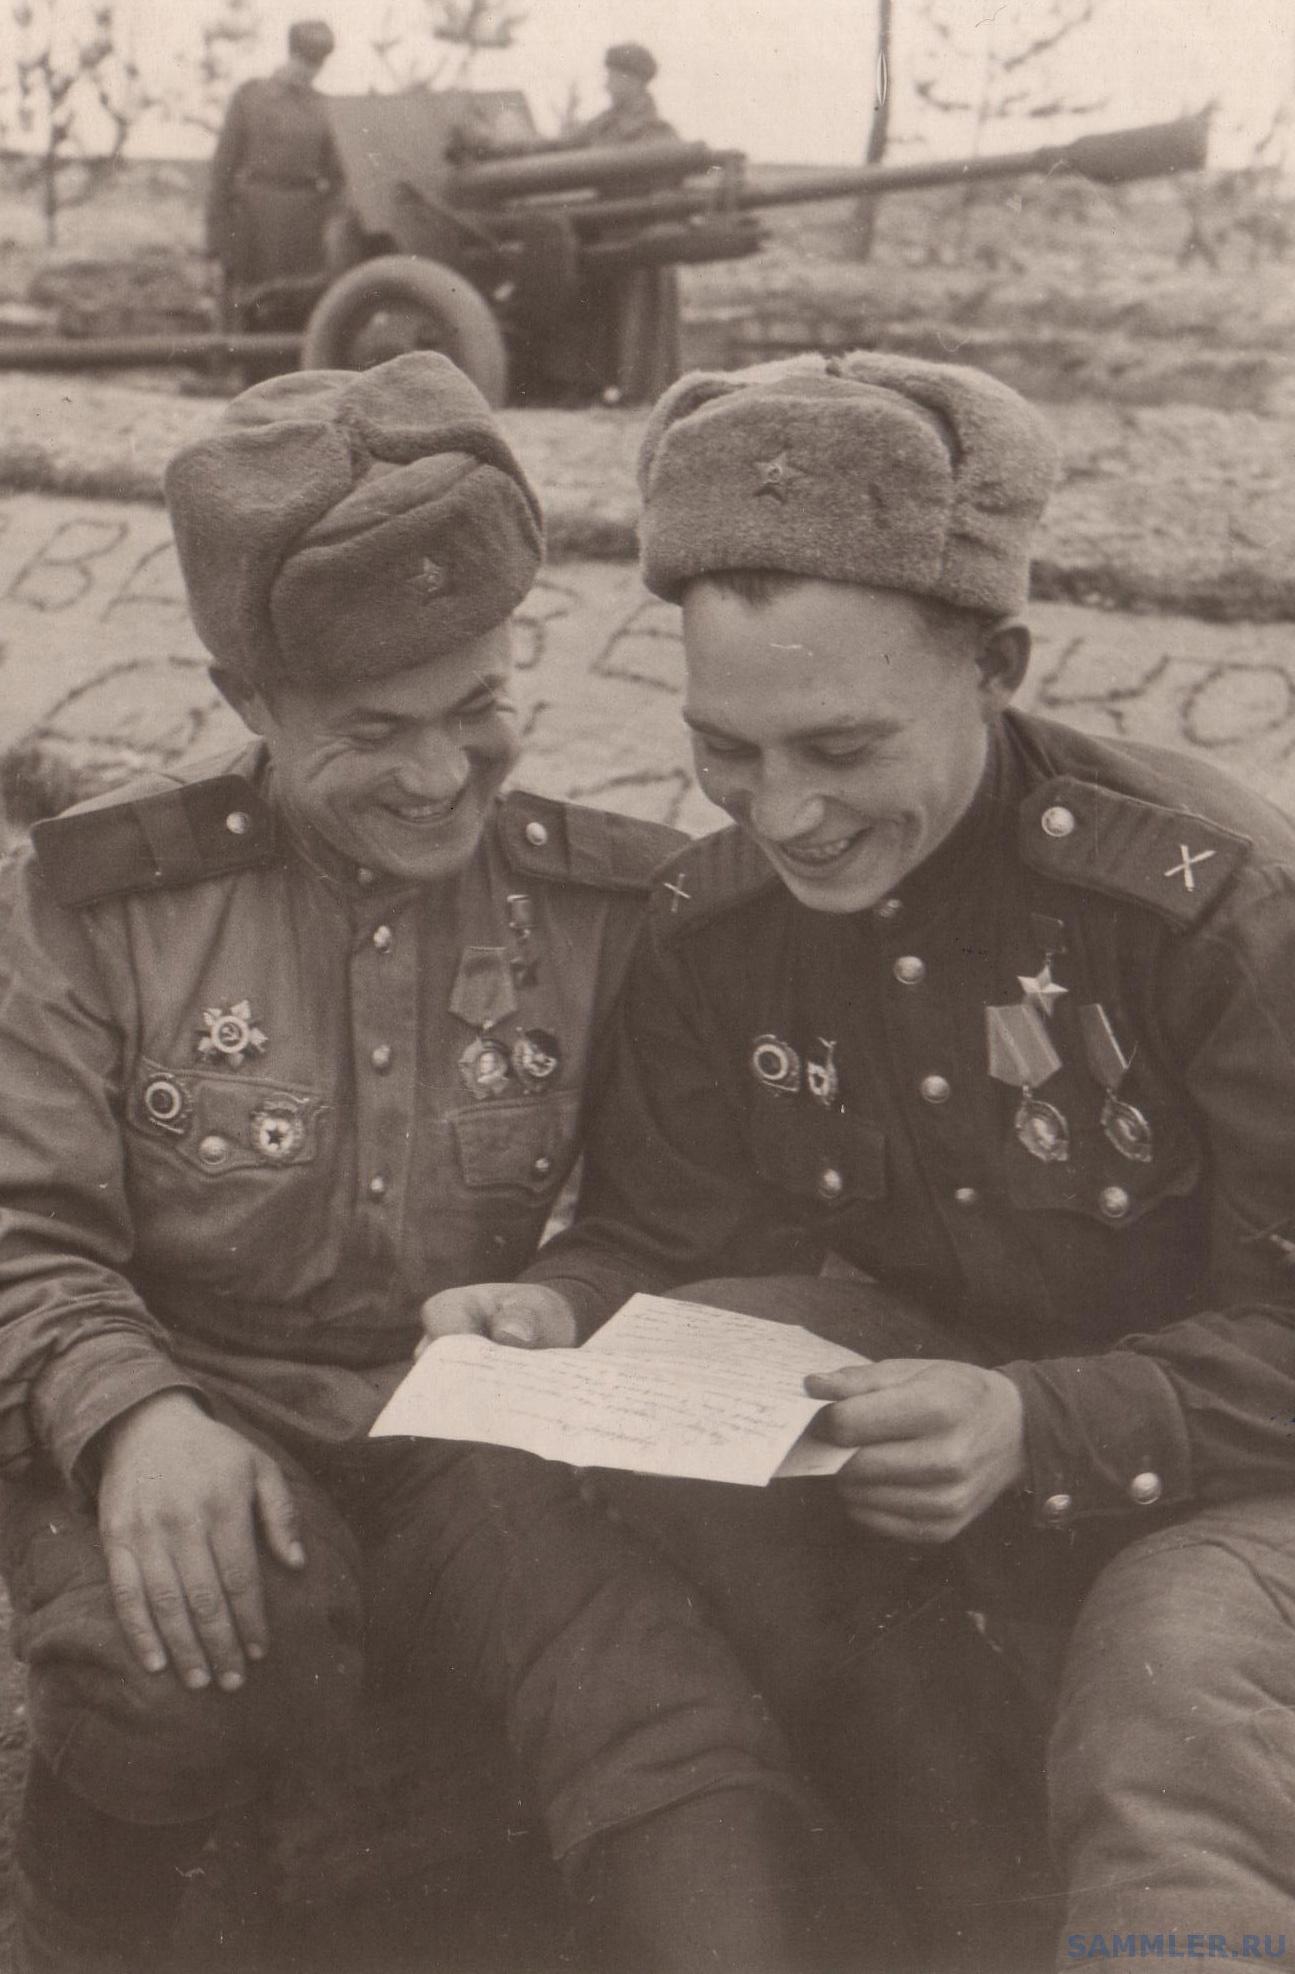 Пермяков вениамин михайлович и асфандияров закир.jpeg